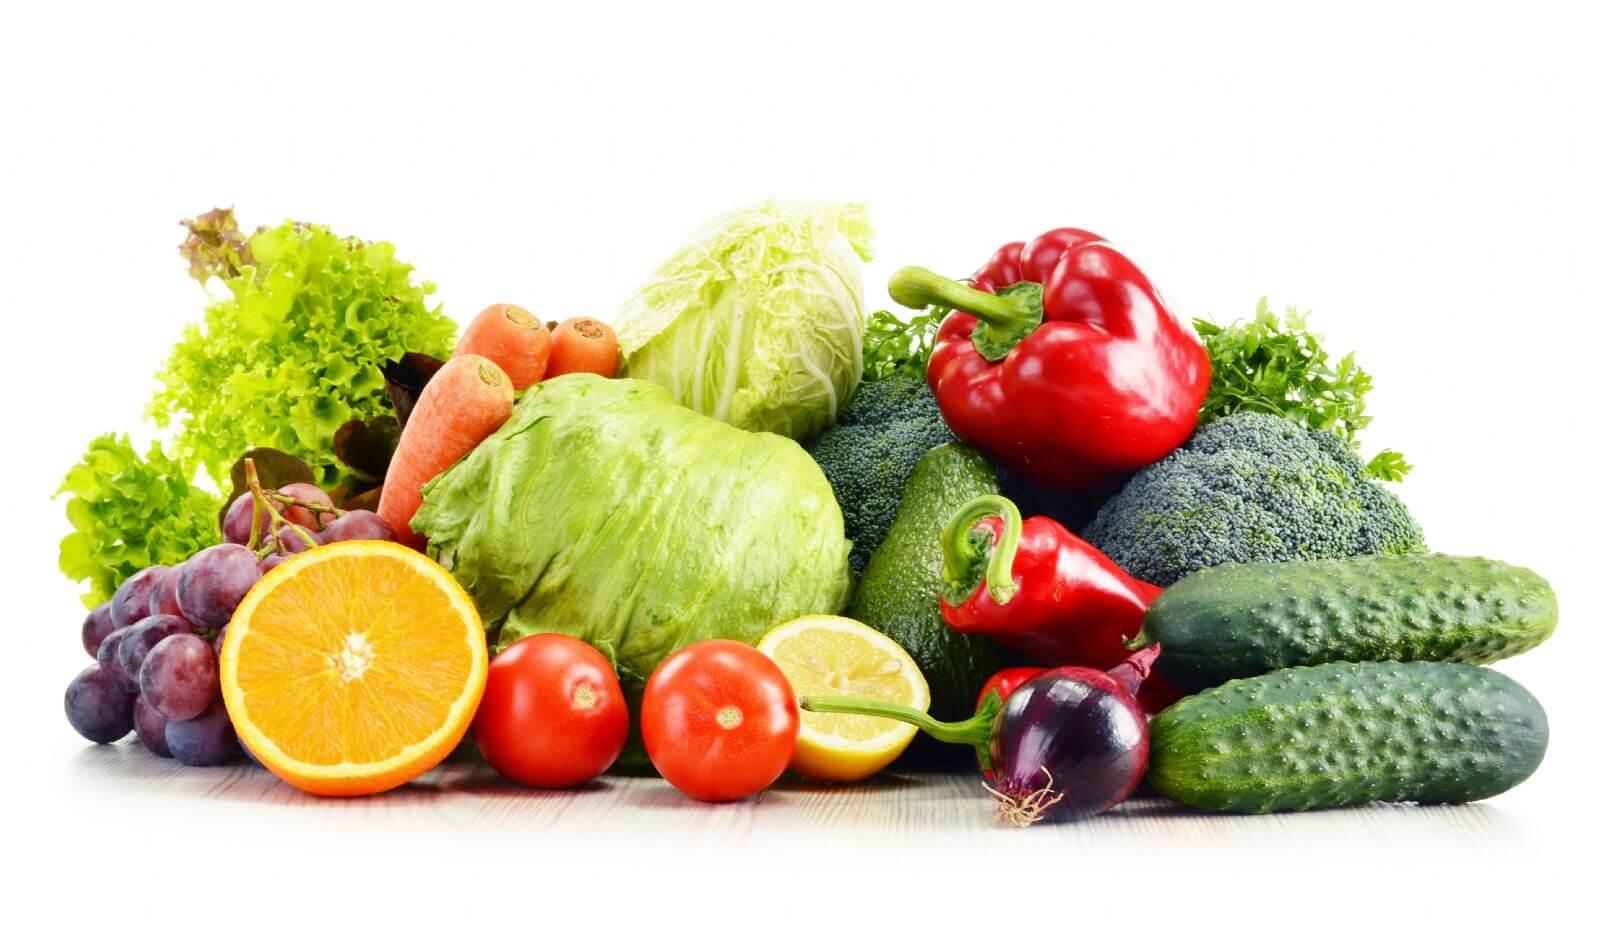 organik-ürünlere-güven